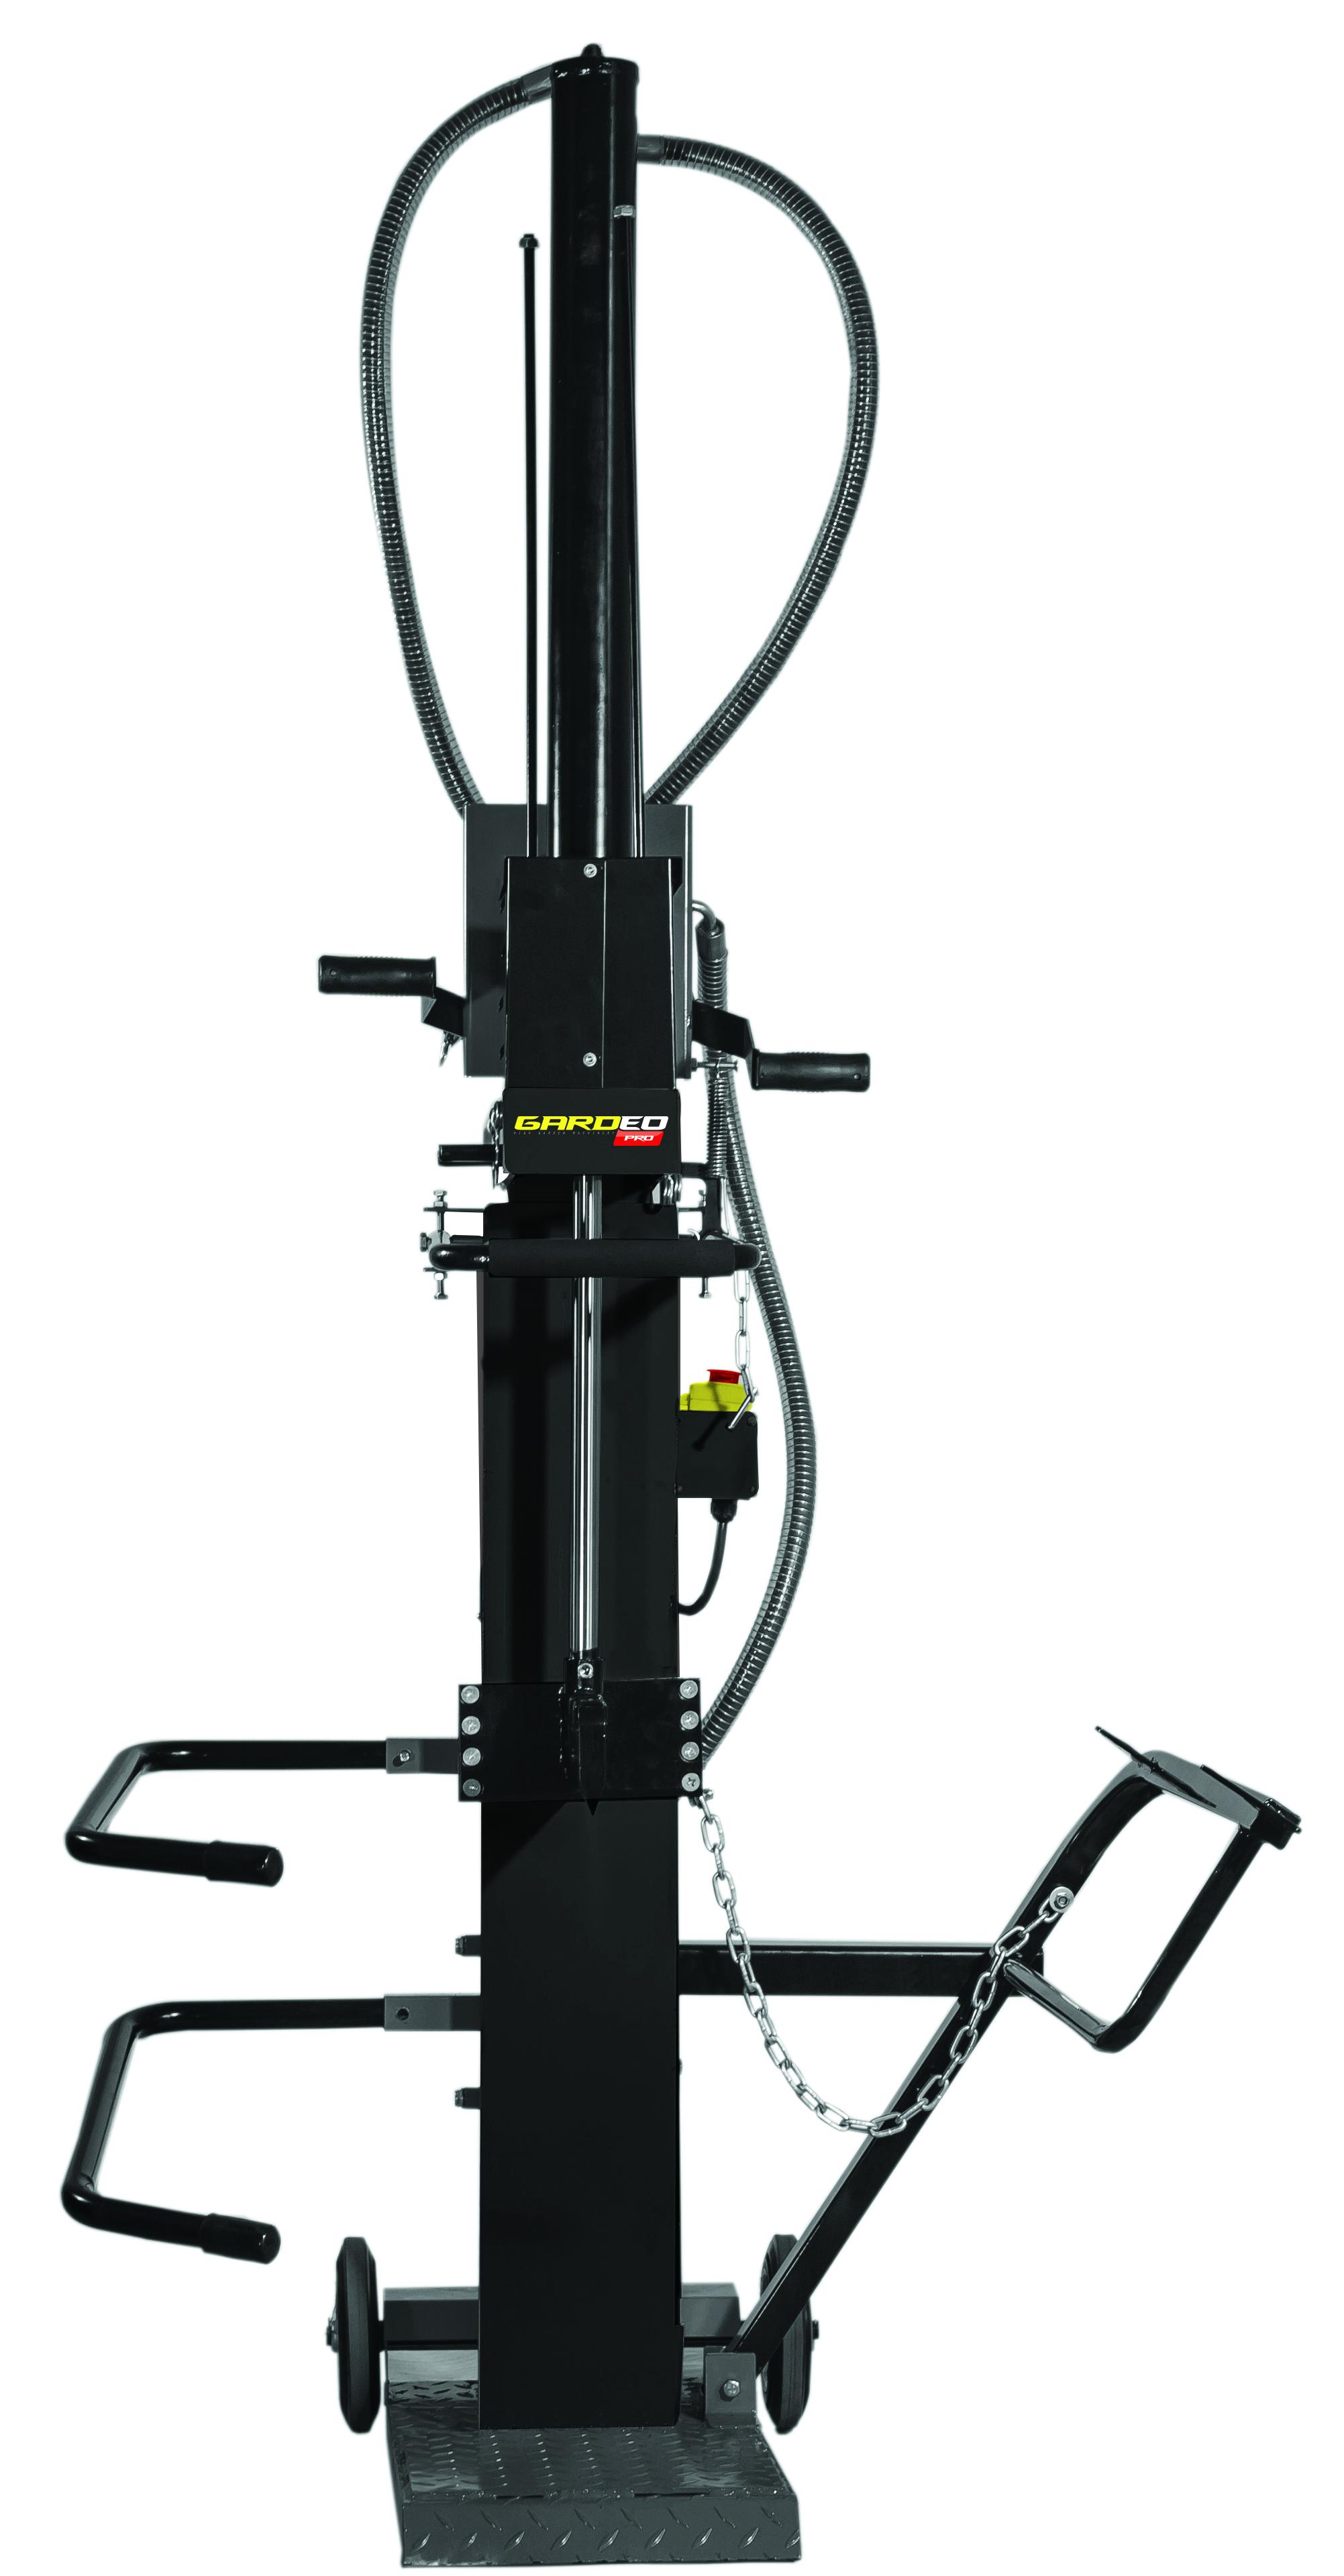 Fendeur de bûches vertical 3000 W - Gardeo Pro